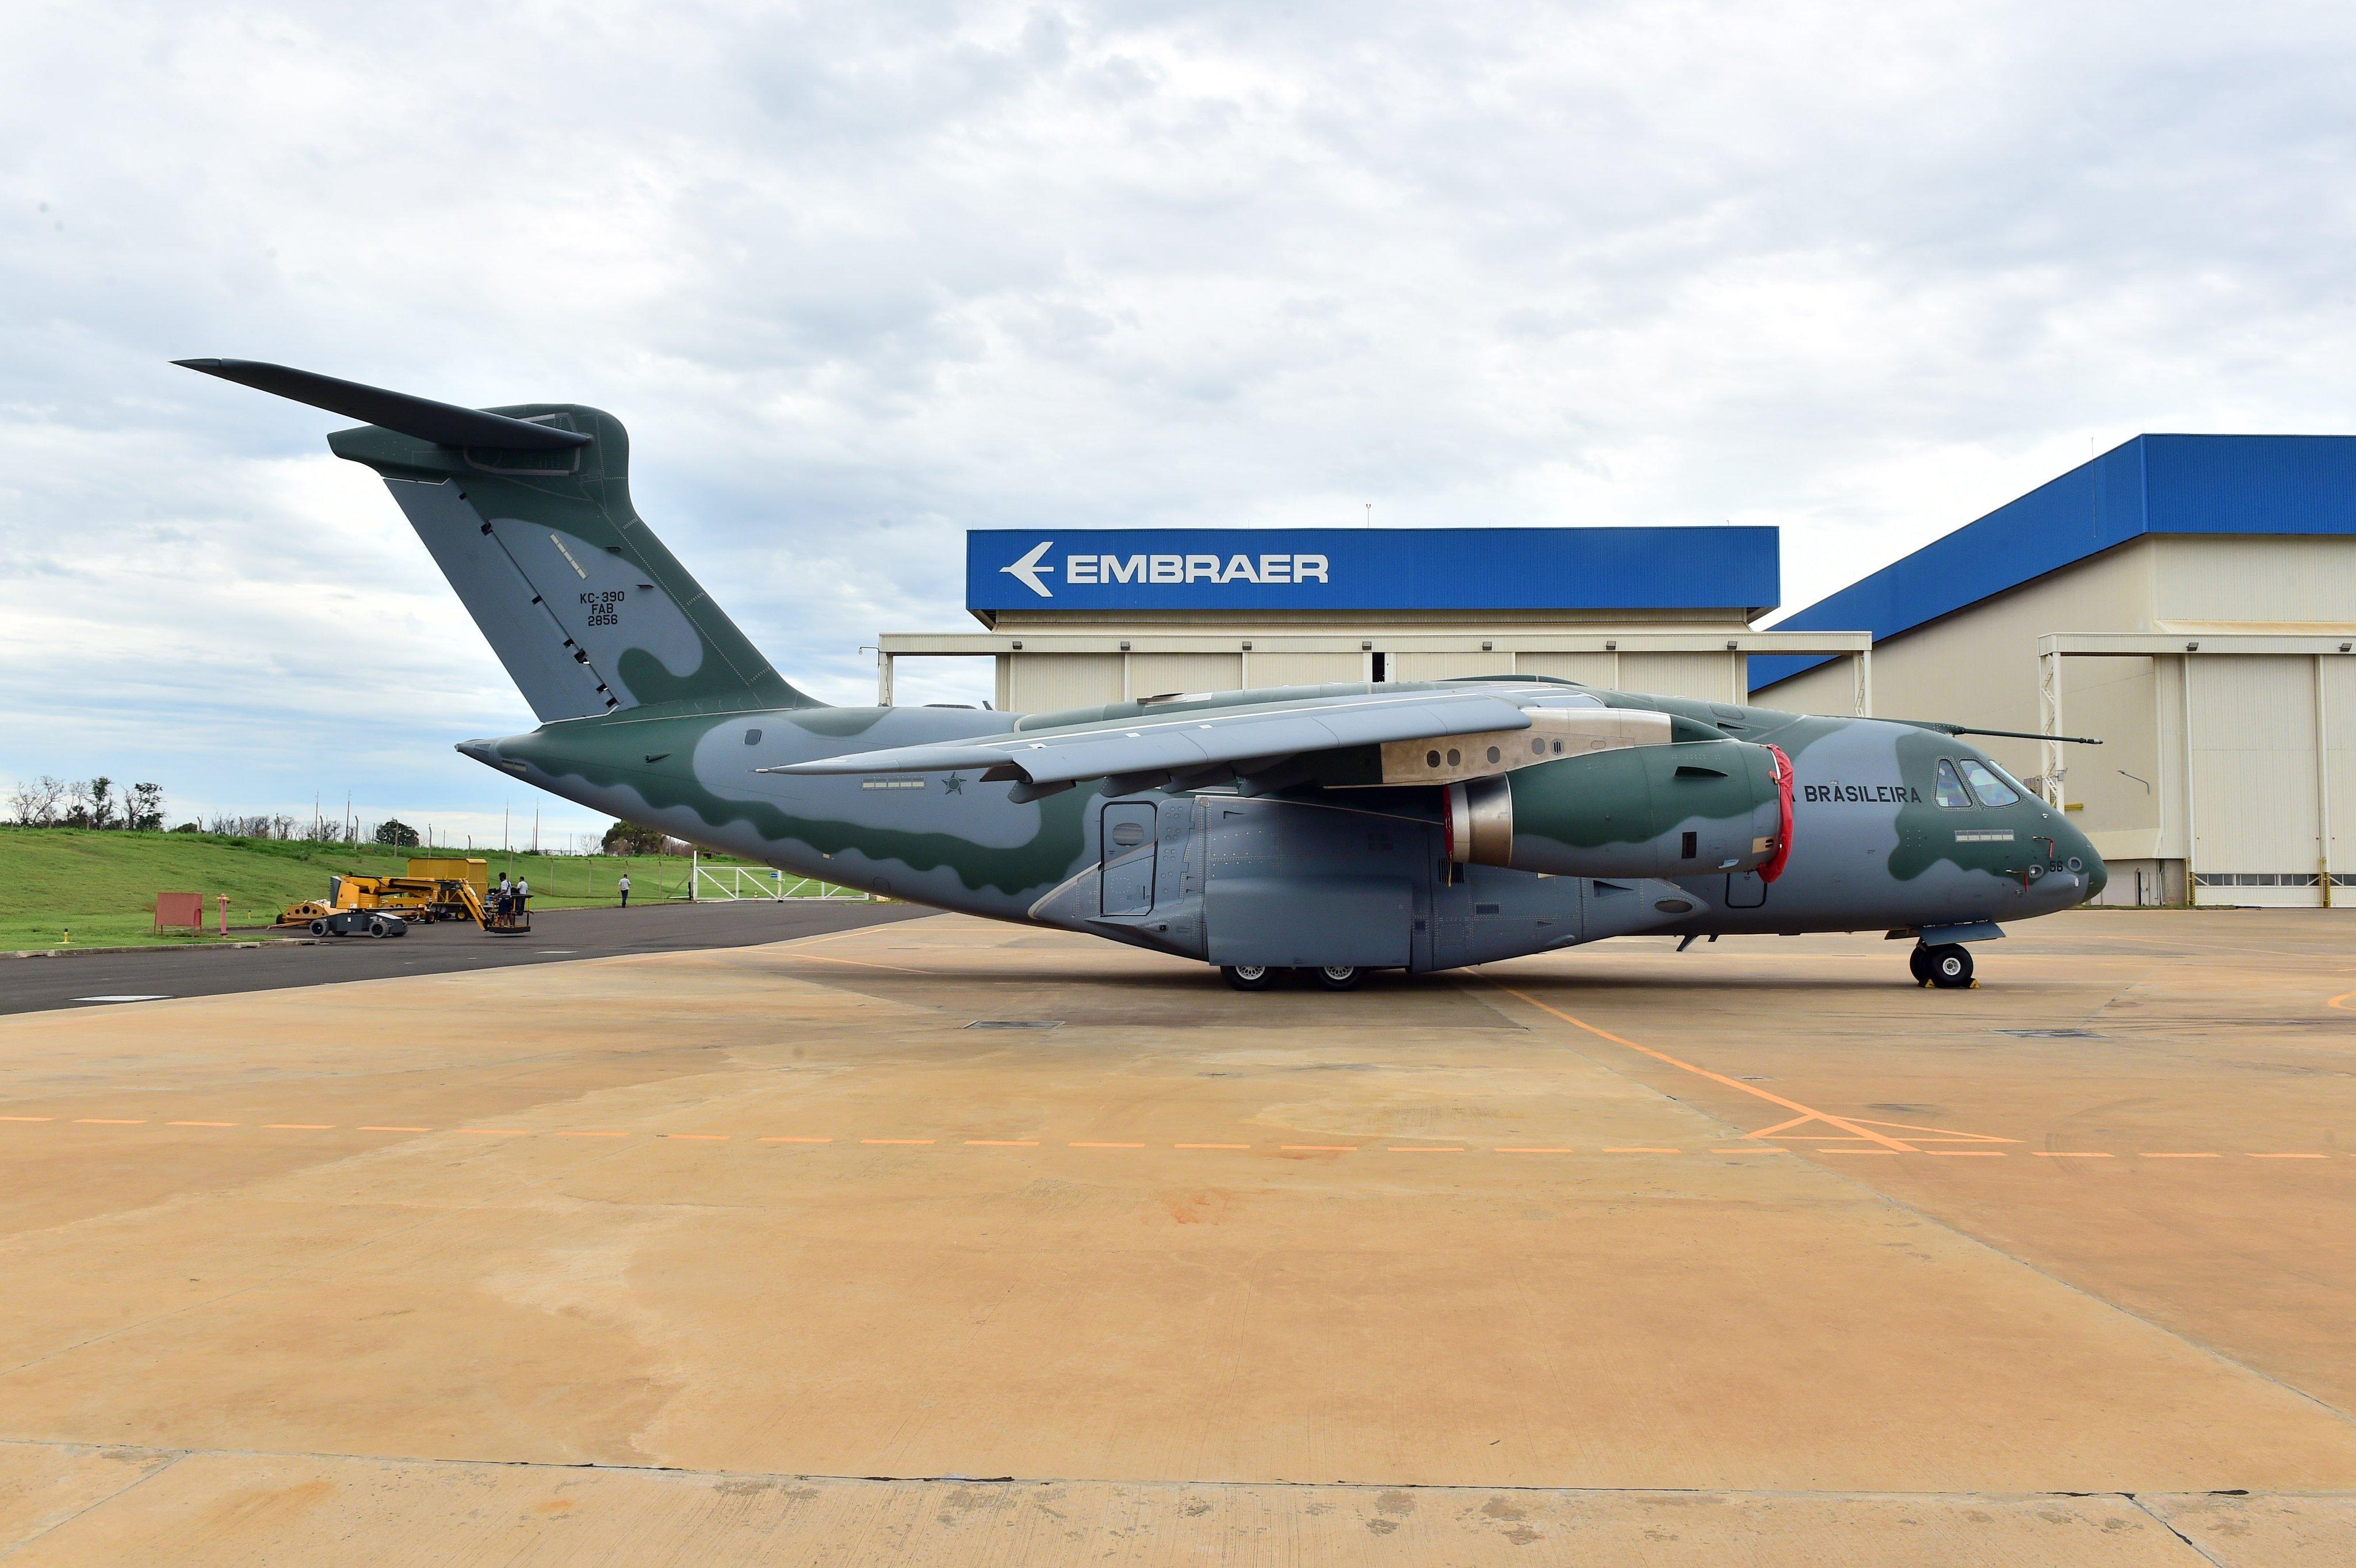 KC-390 [Embraer]